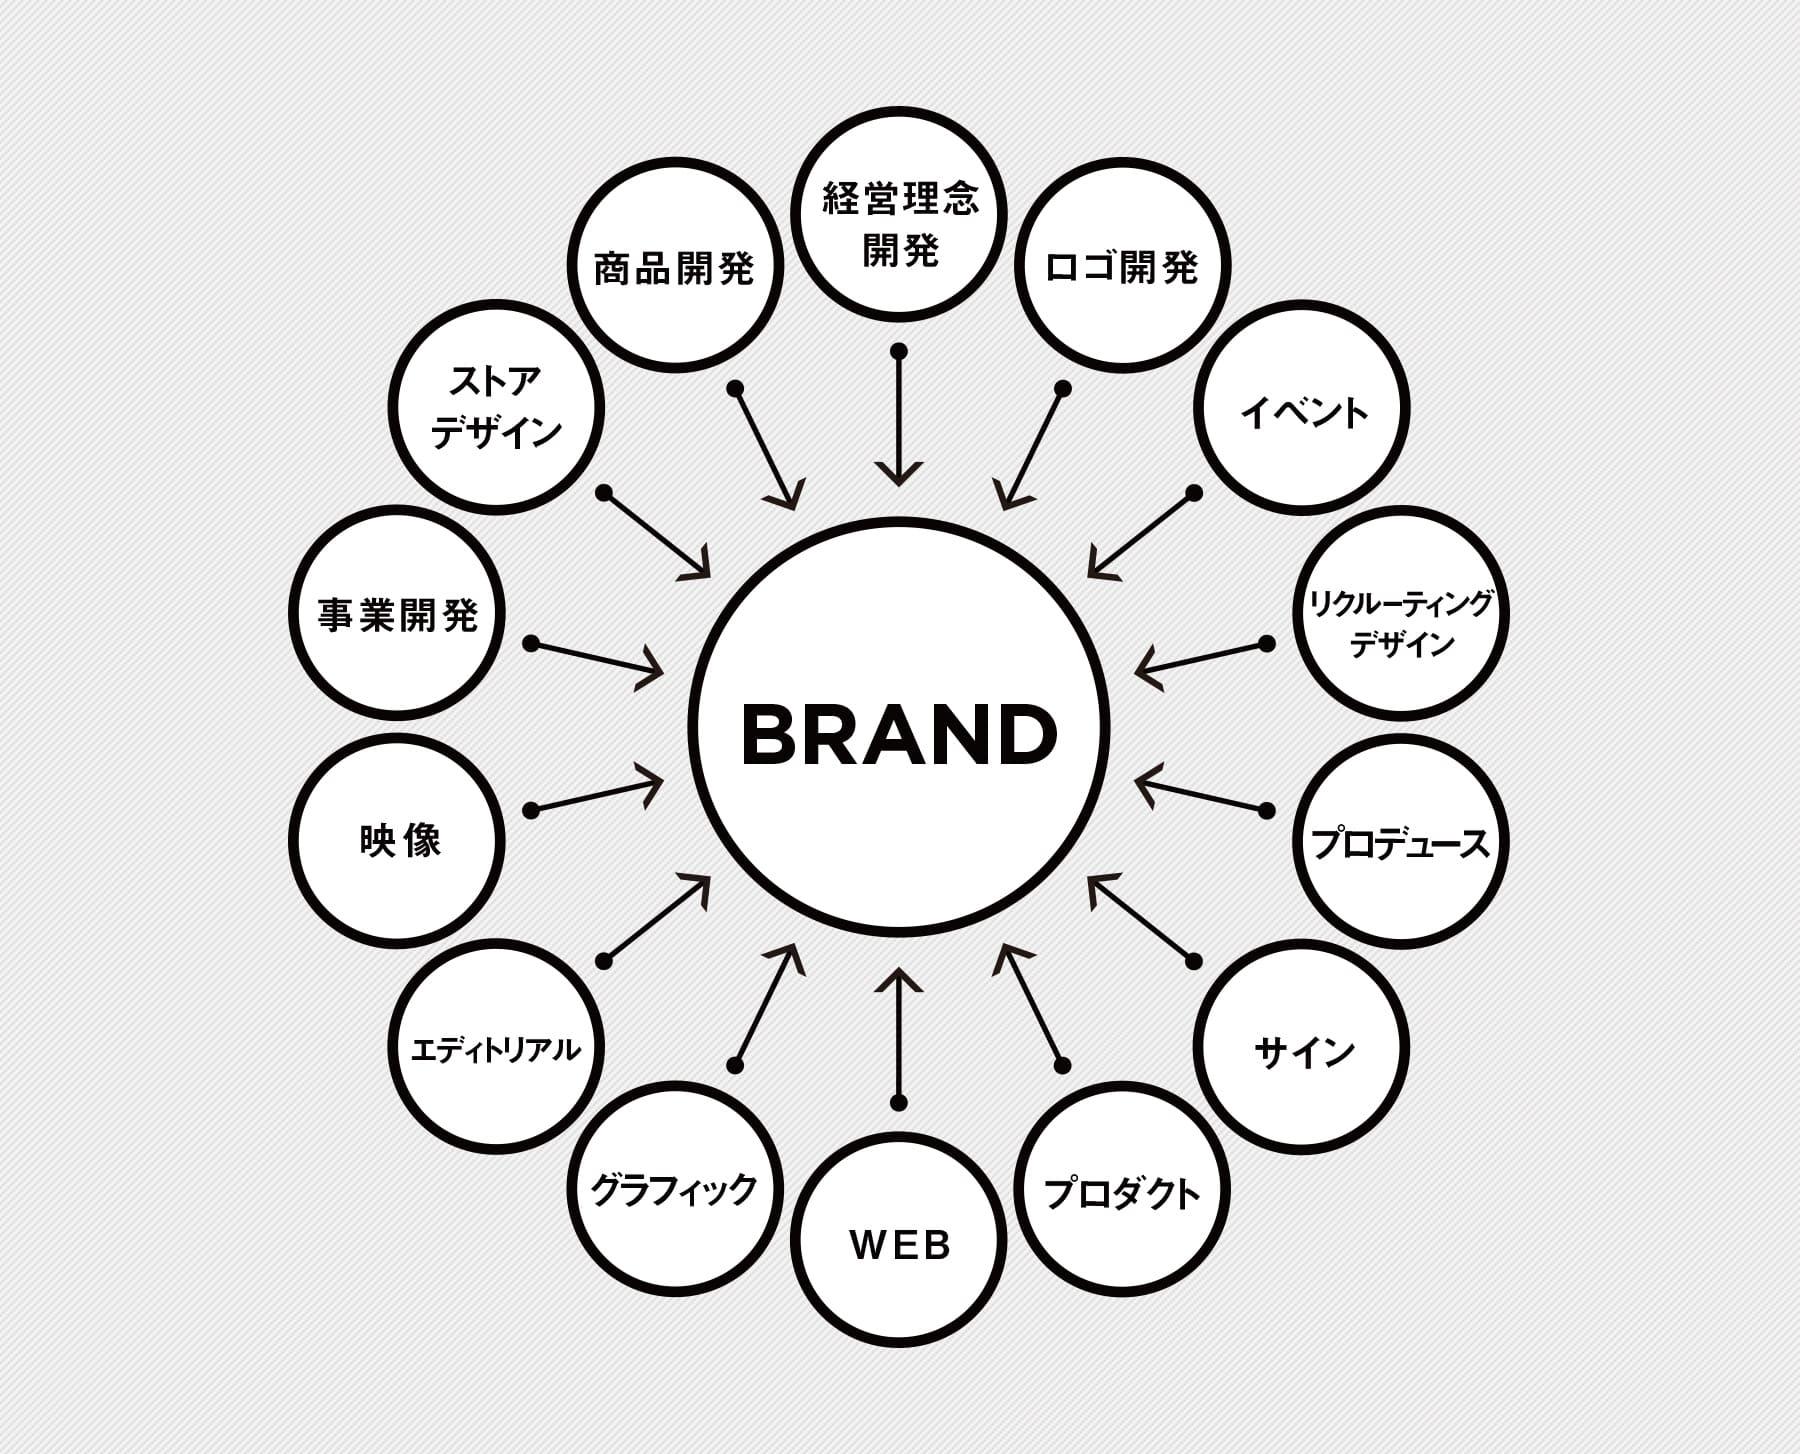 VOICEがつくりたいのはブランドです